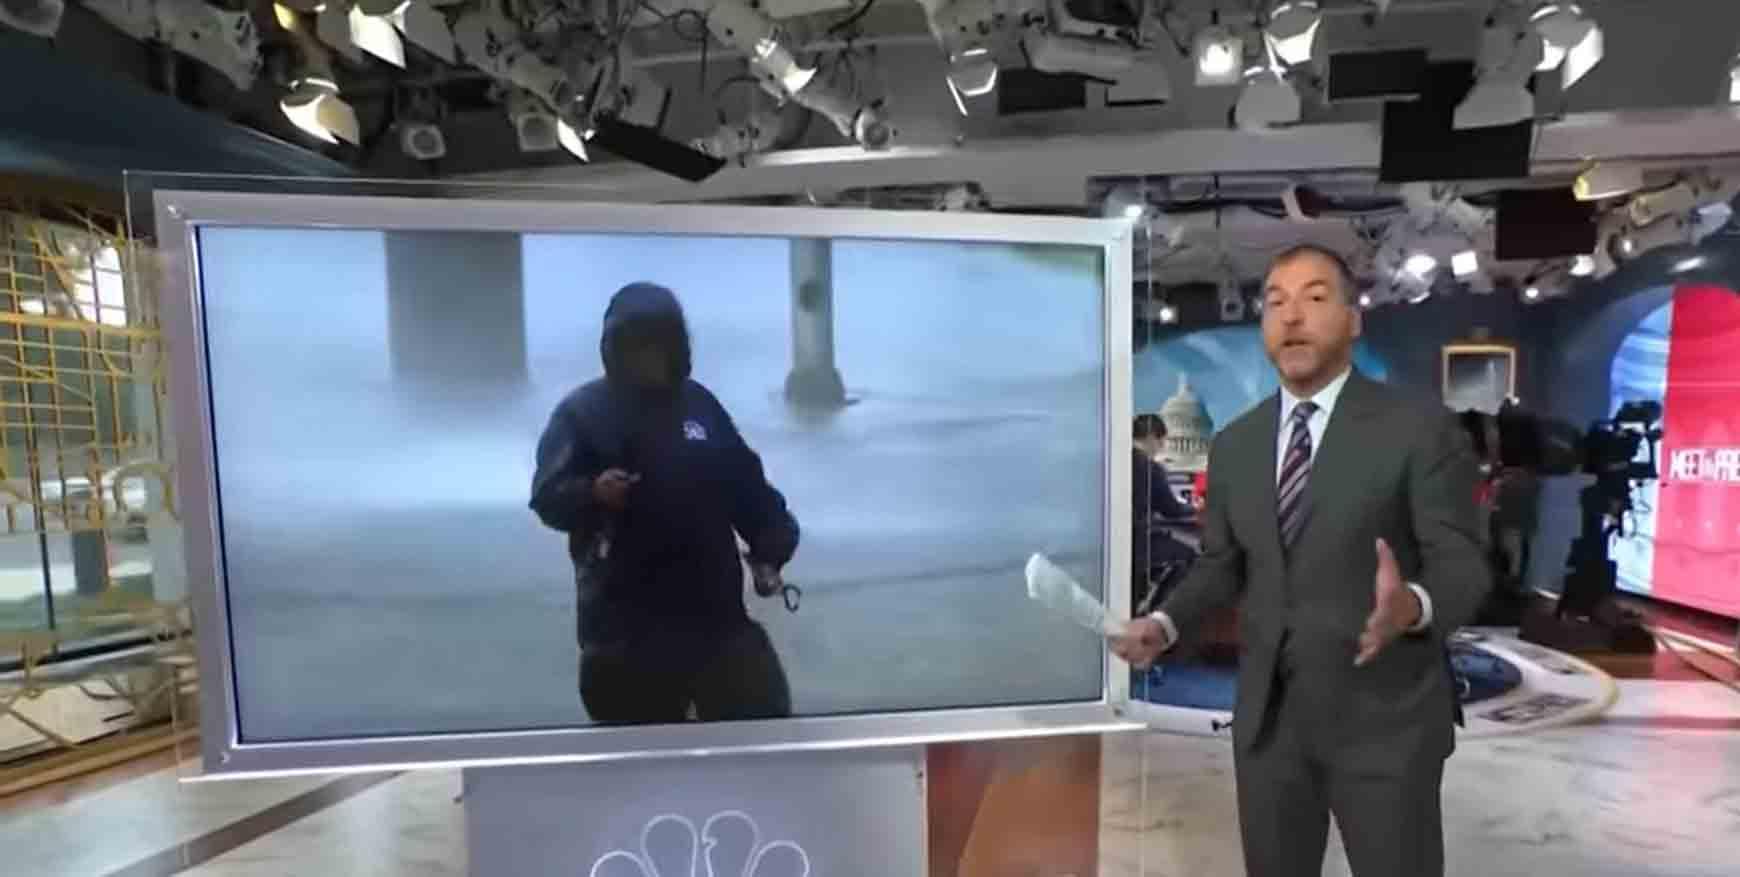 Vídeo: Repórter é atingido por ondas e ventos de furacão durante transmissão ao vivo. Foto: Reprodução Youtube